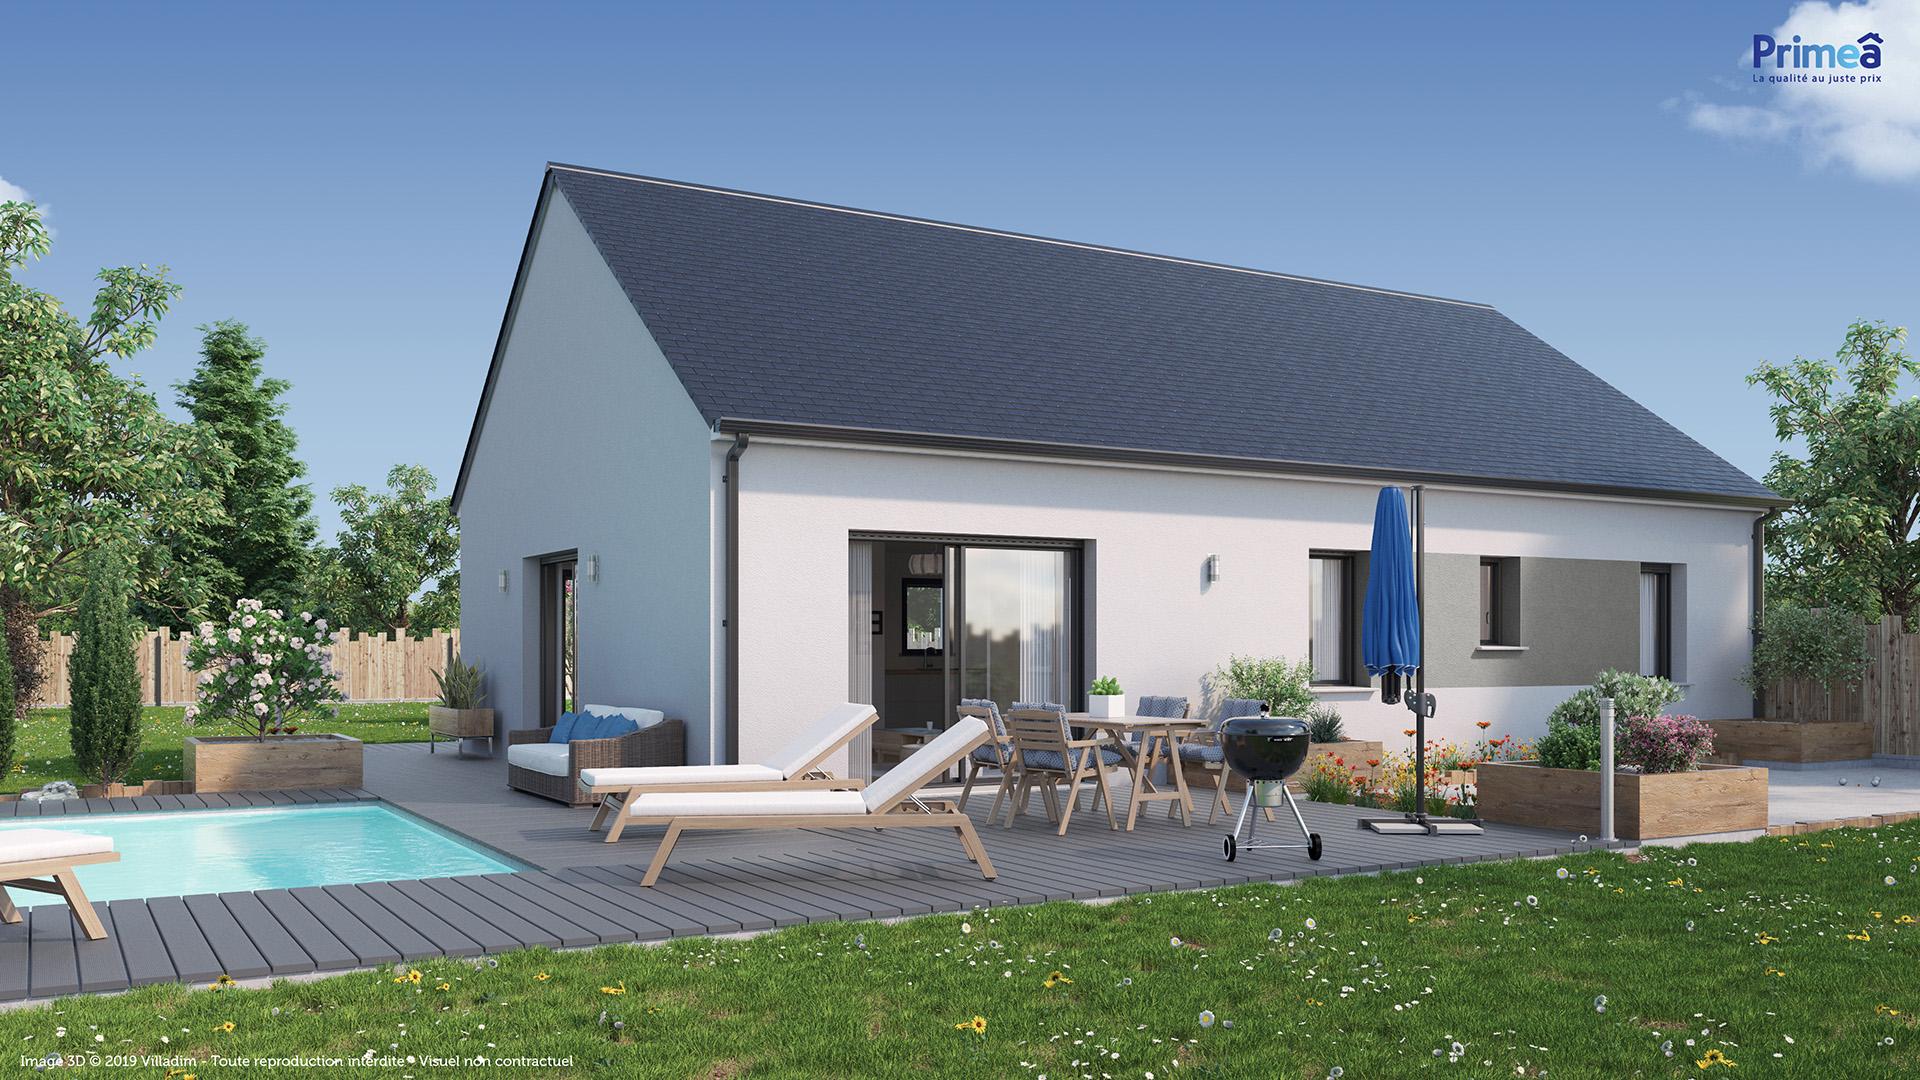 Maison à vendre à Beaune-la-Rolande